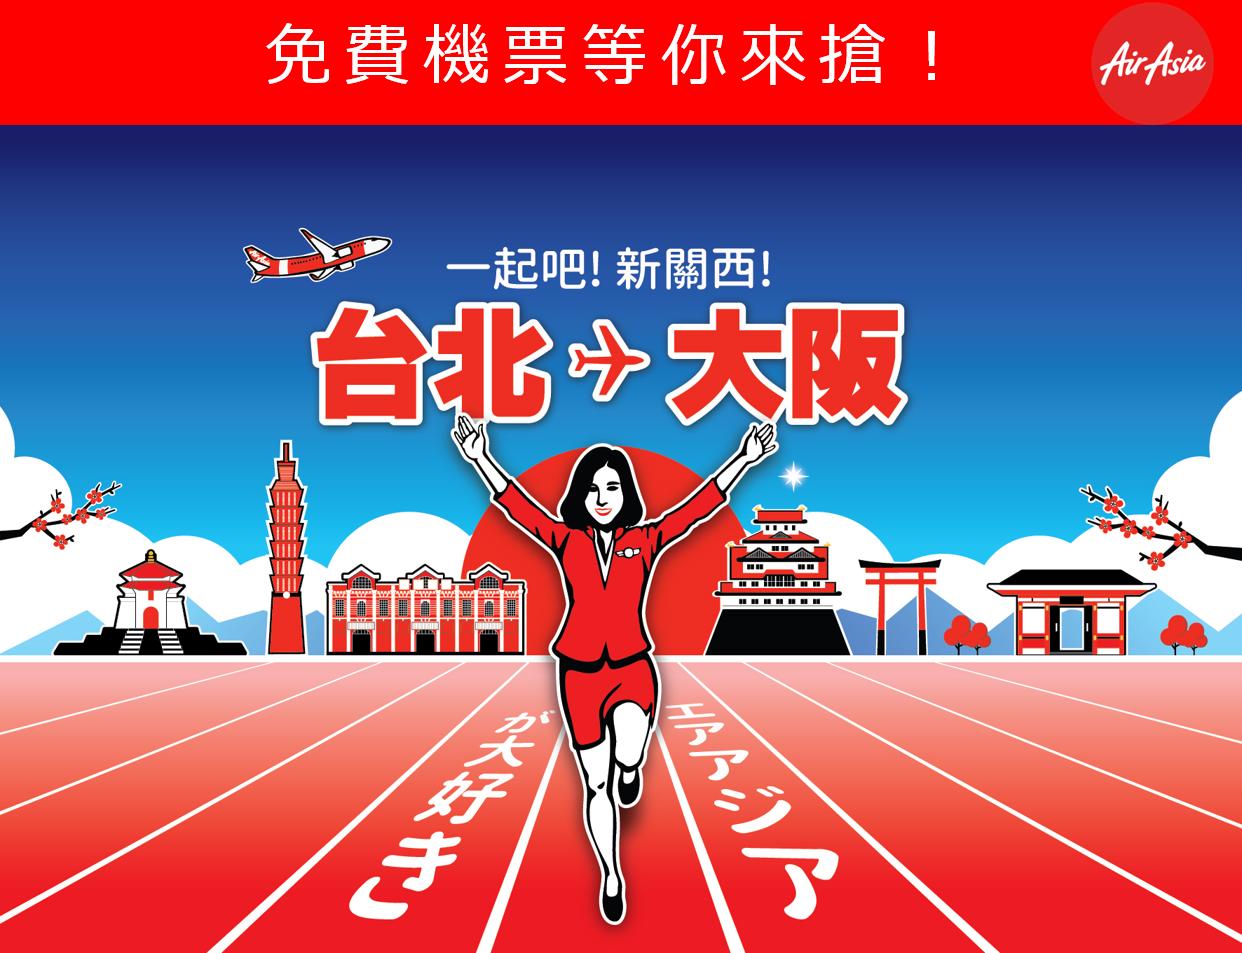 亞洲低成本航空業者AirAsia今(25)日宣布,將正式進軍台灣直飛日本市場,將...